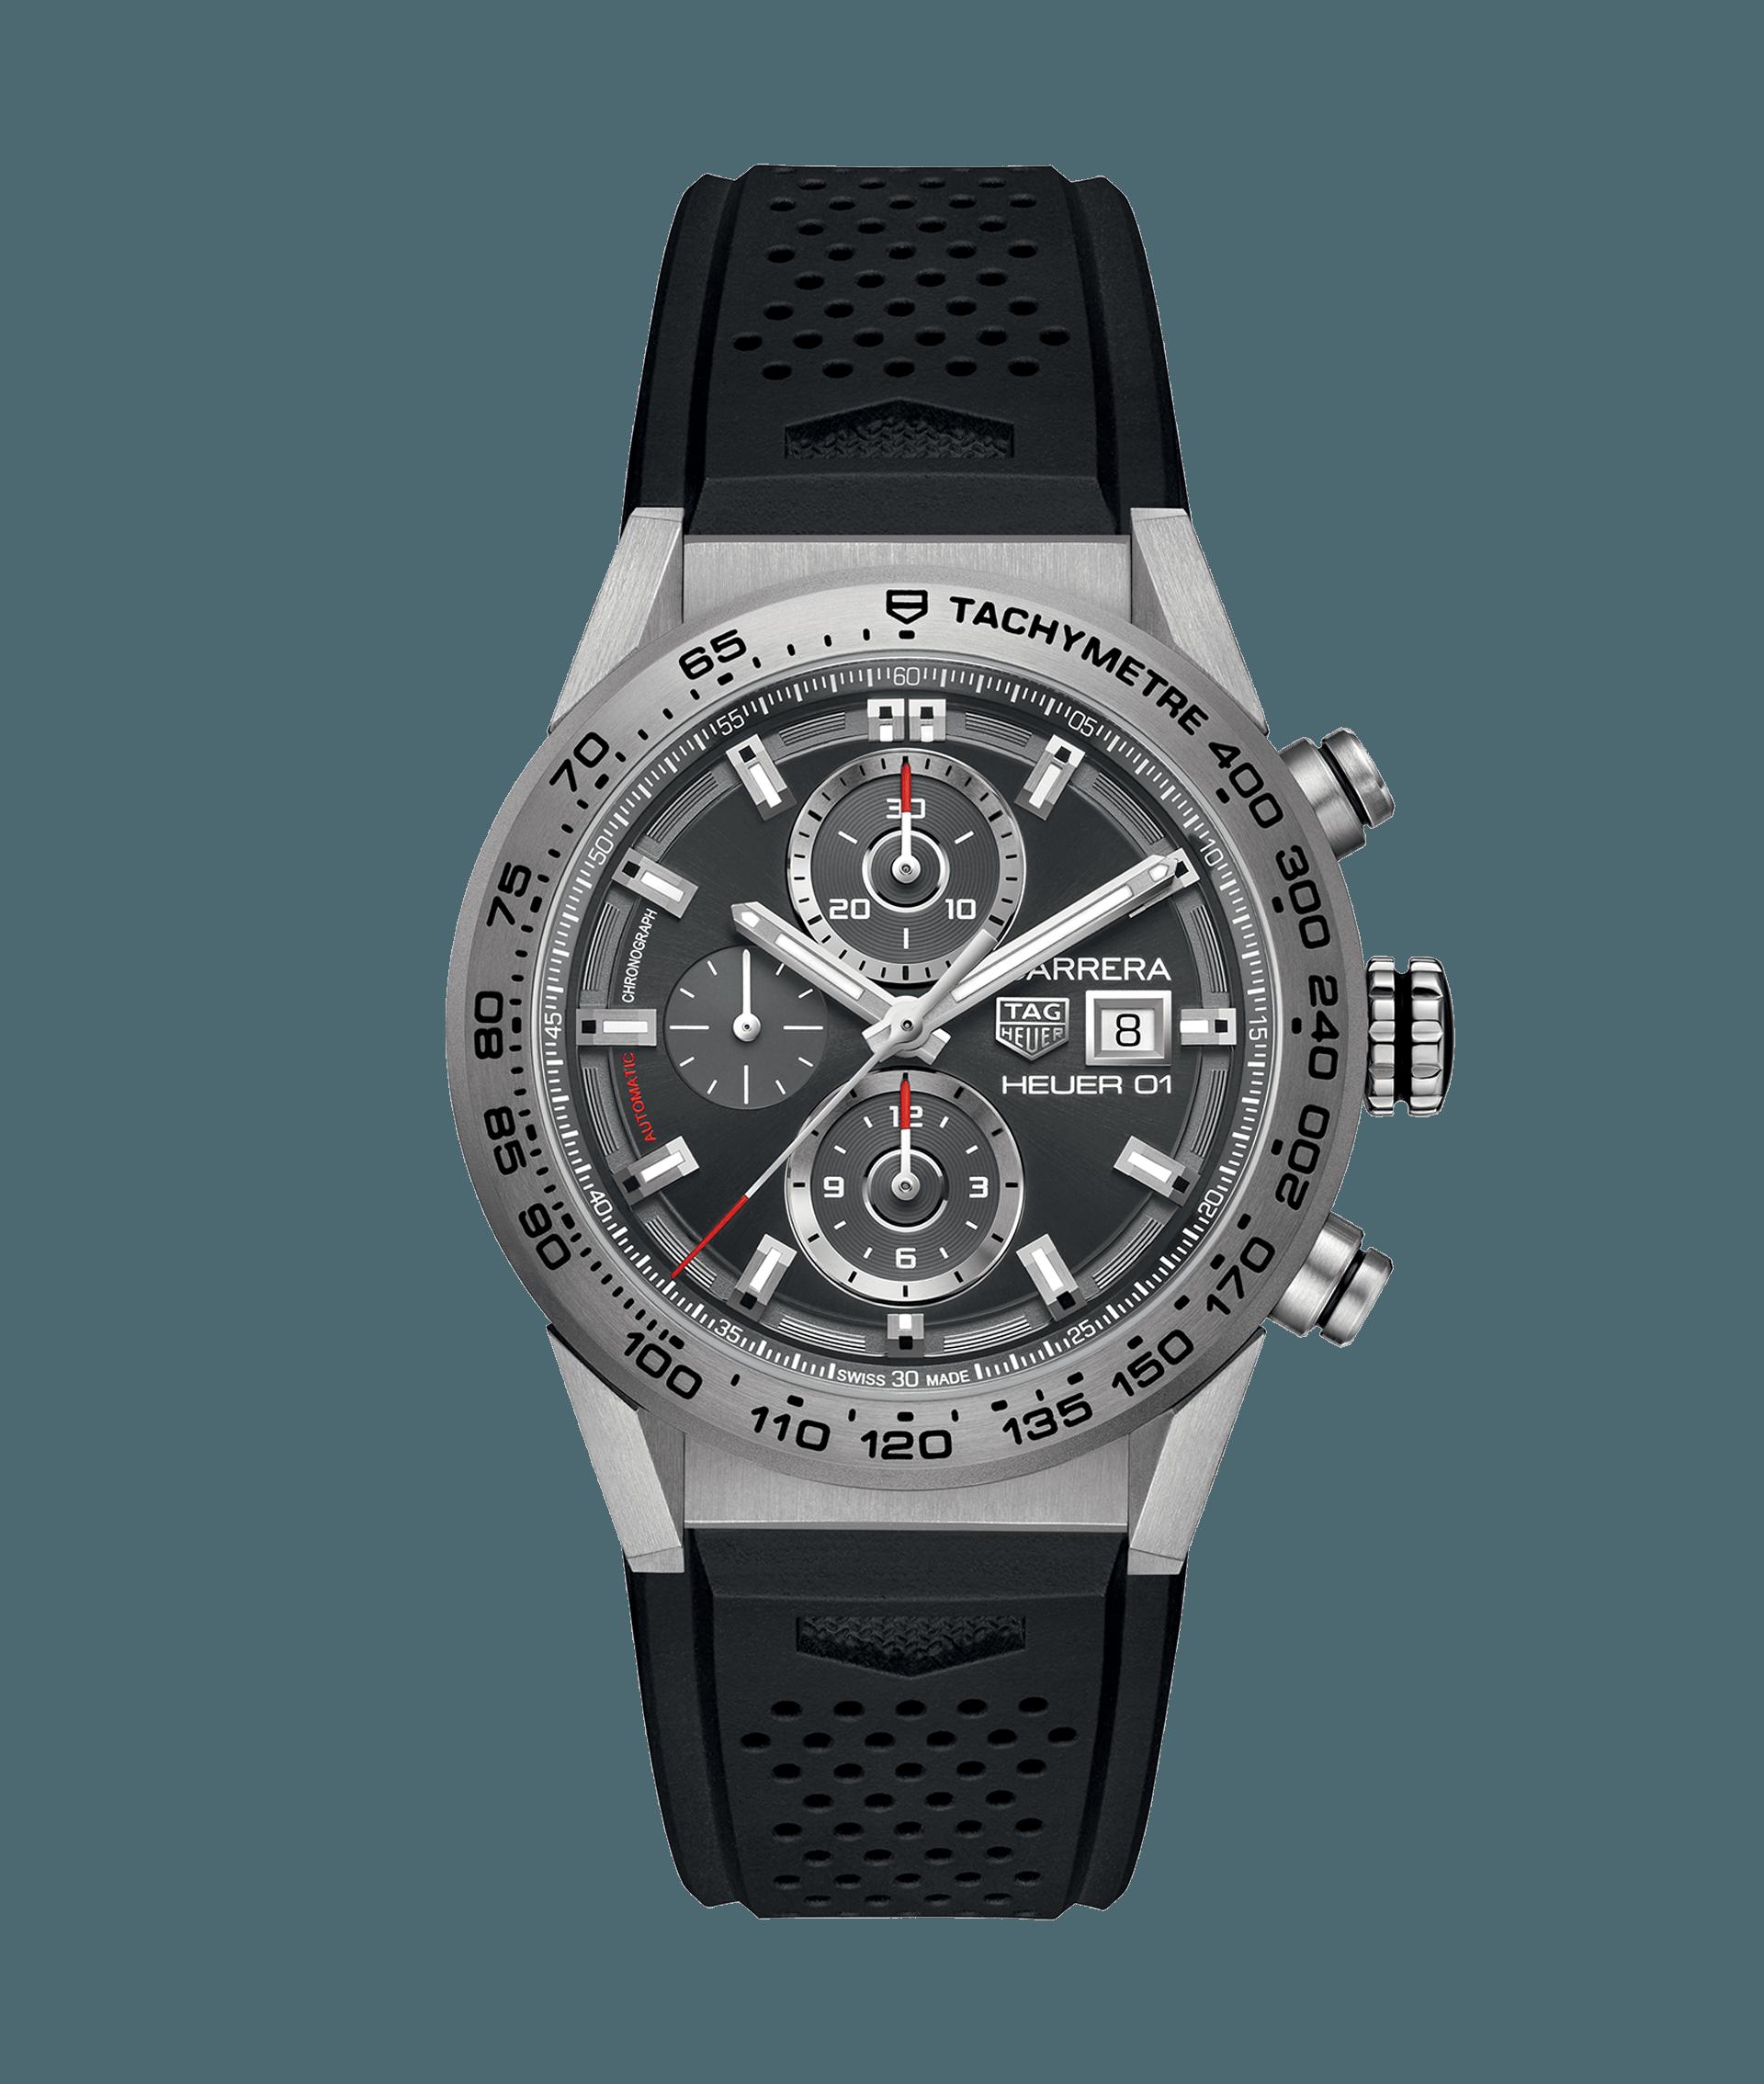 TAG Heuer Carrera Calibre Heuer 01 100 M - 43 mm CAR208Z.FT6046 Preço do  relógio TAG Heuer 0575eed0d1